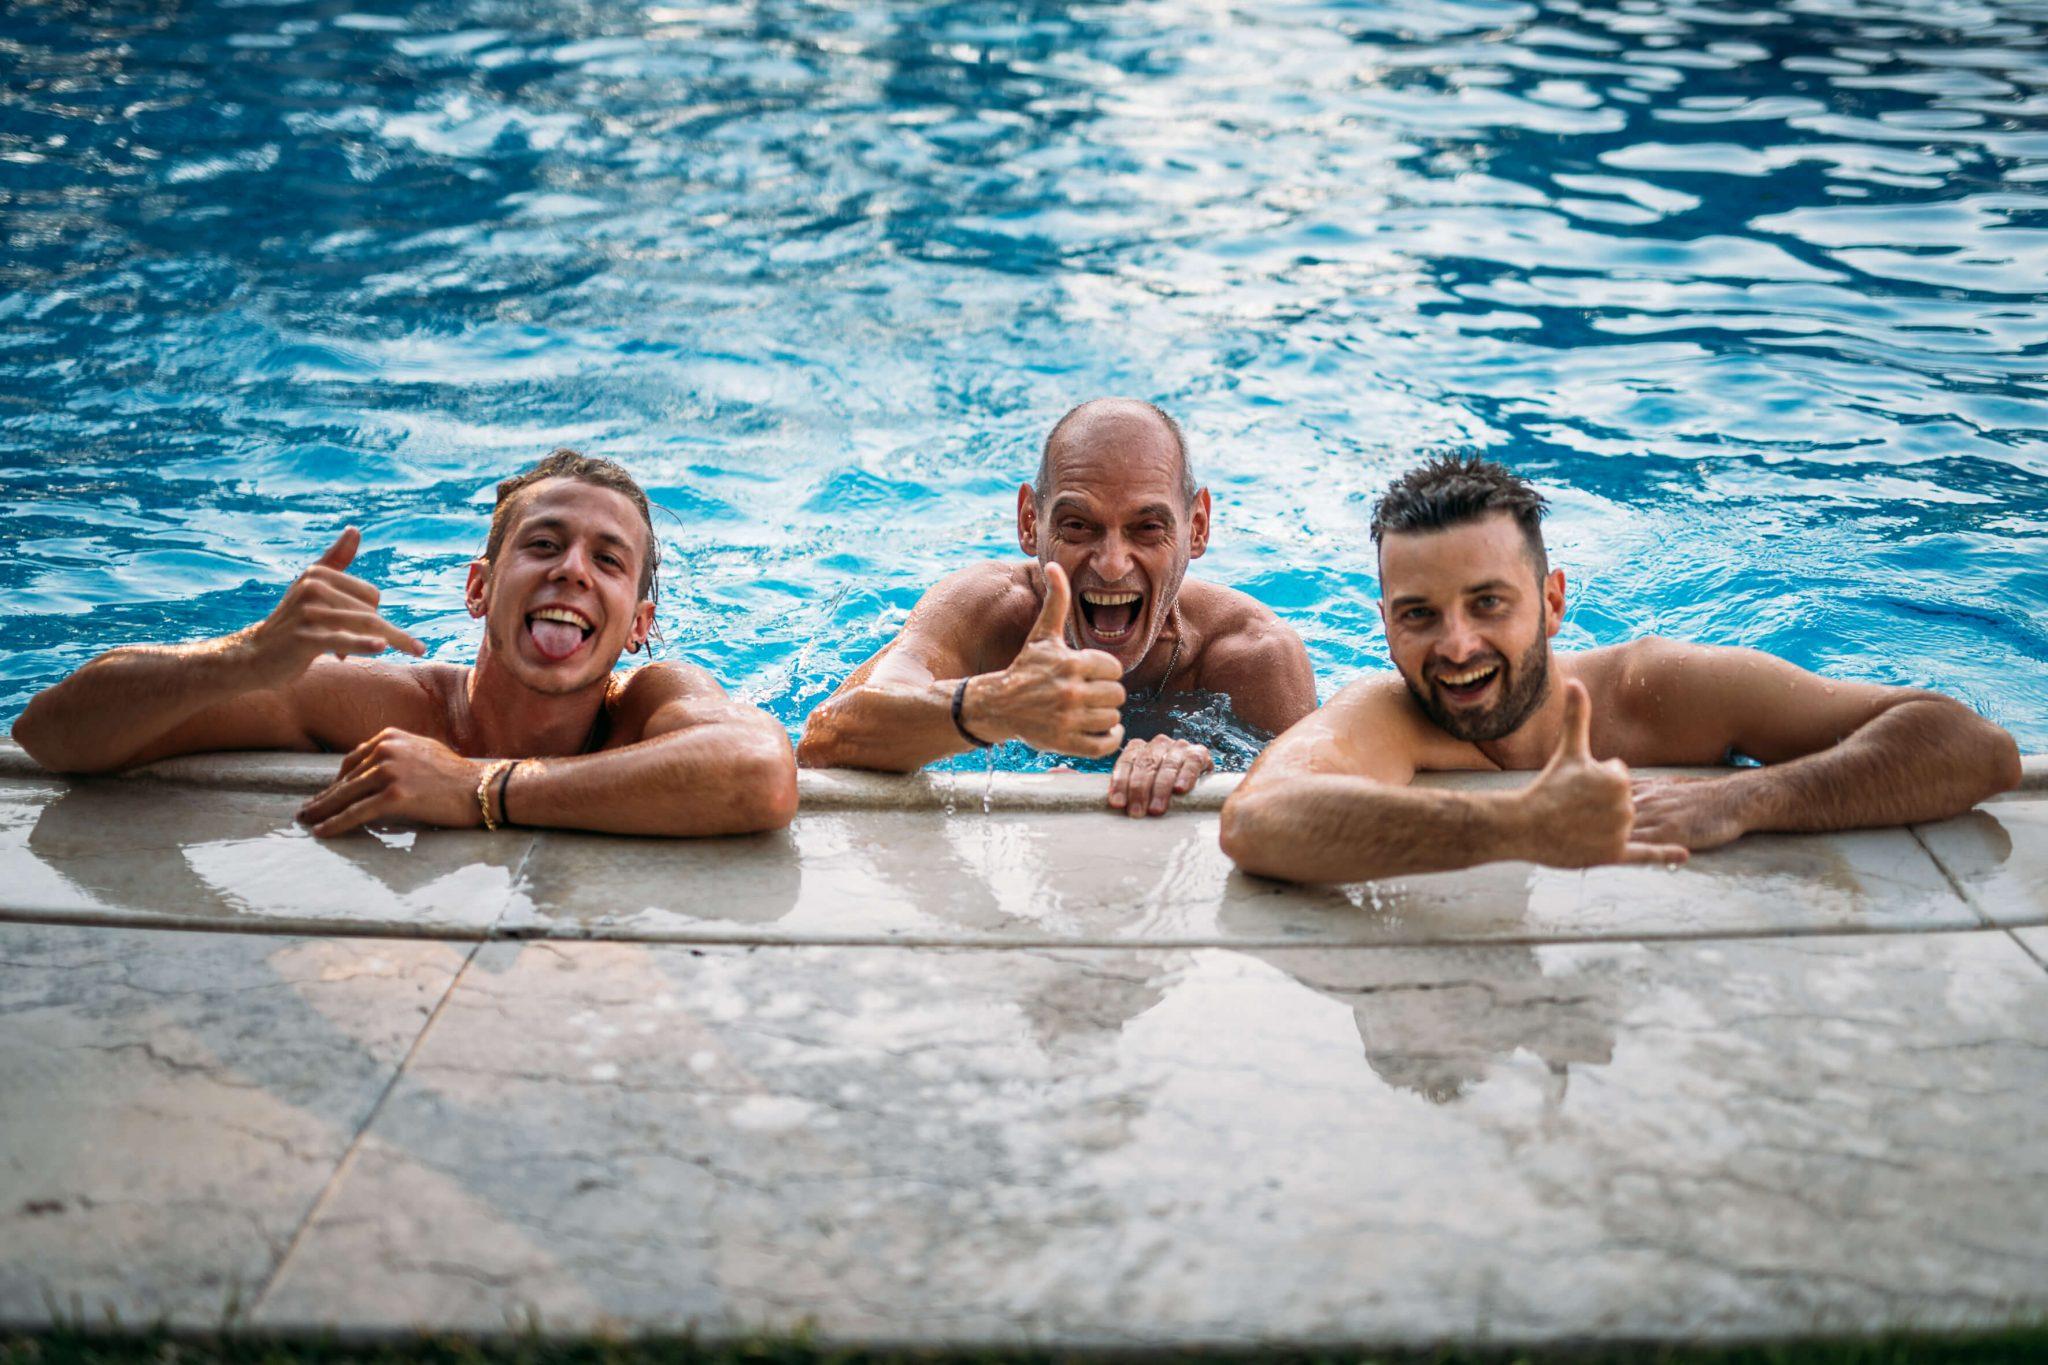 alcuni invitati fanno il bagno in piscina al ricevimento